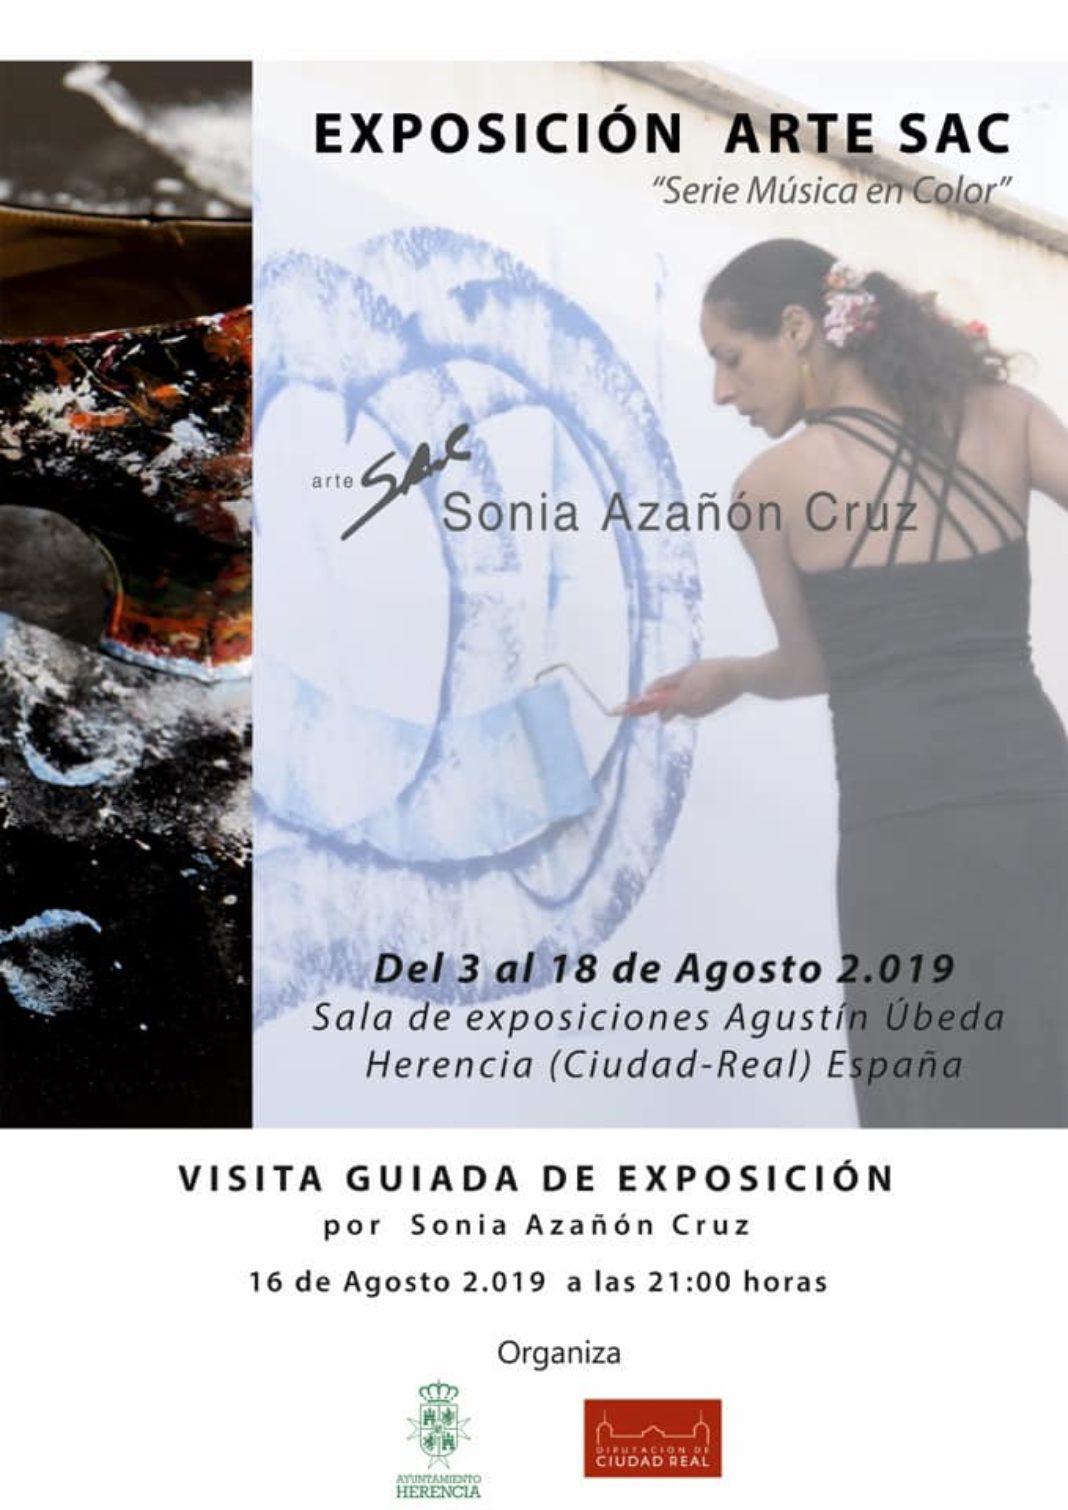 Visita Guiada exposición Arte SAC 1068x1510 - Sonia Azañón Cruz presenta su exposición Arte SAC Serie Música en Color